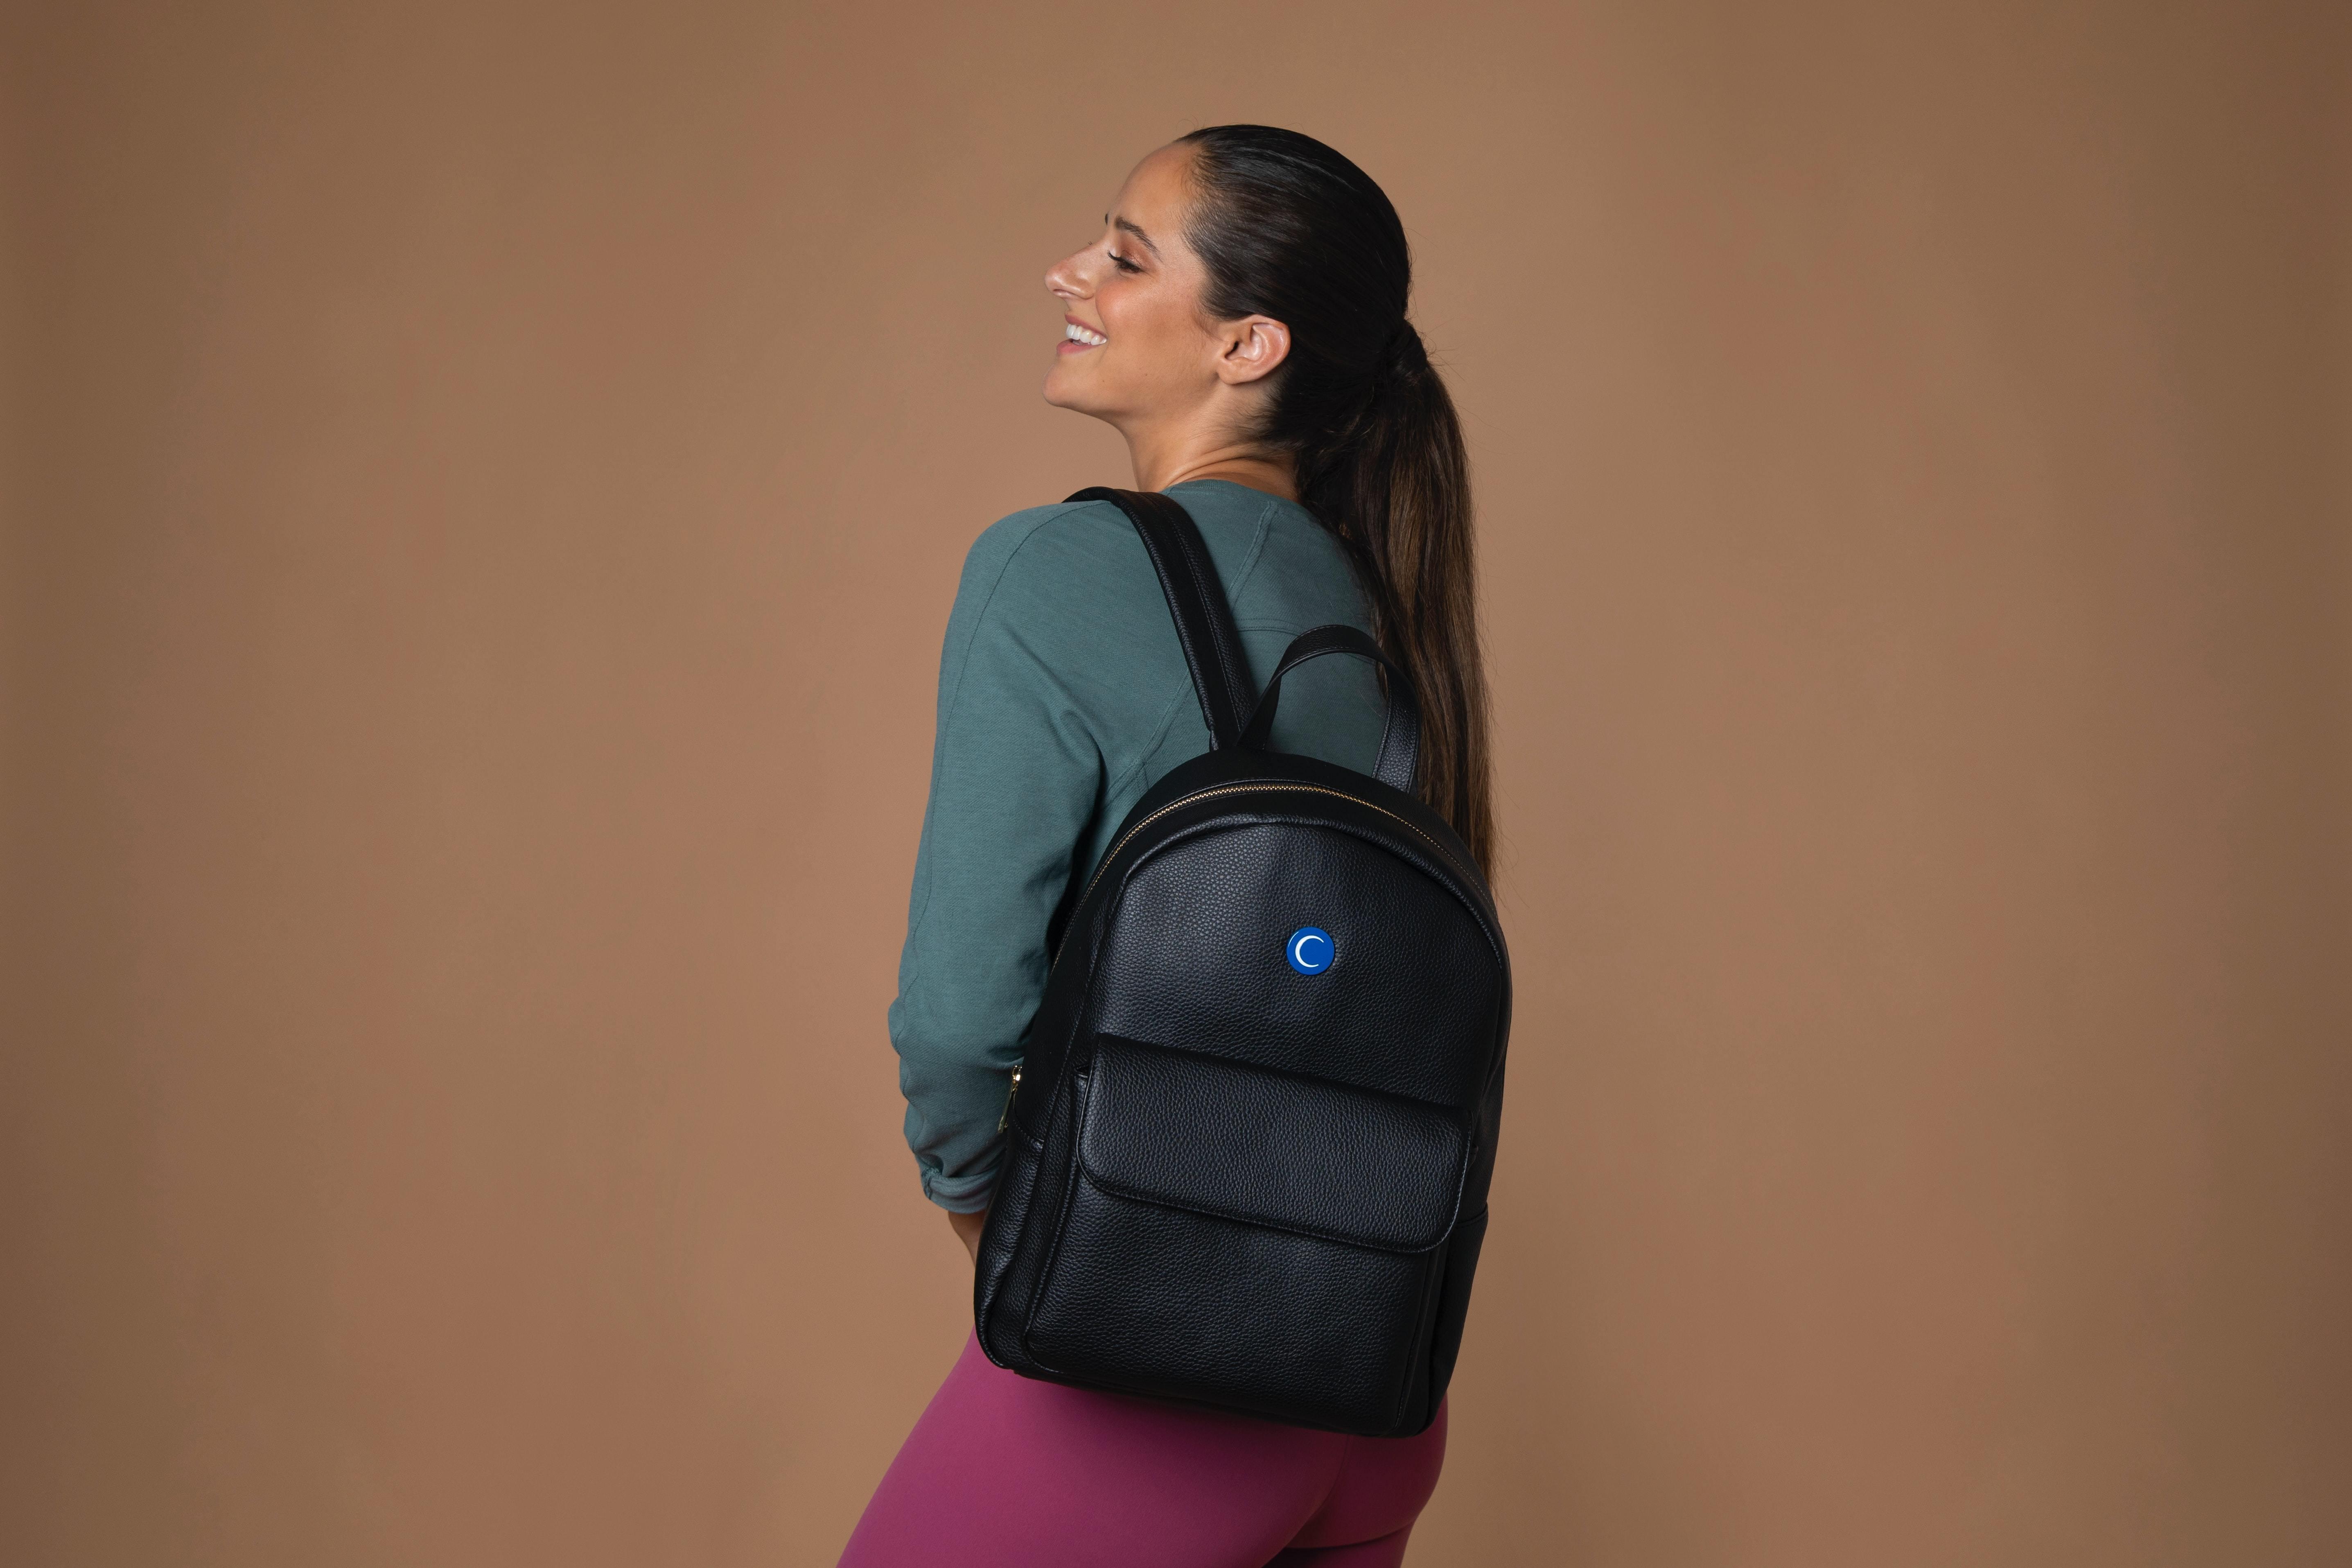 バッグに満足する女性